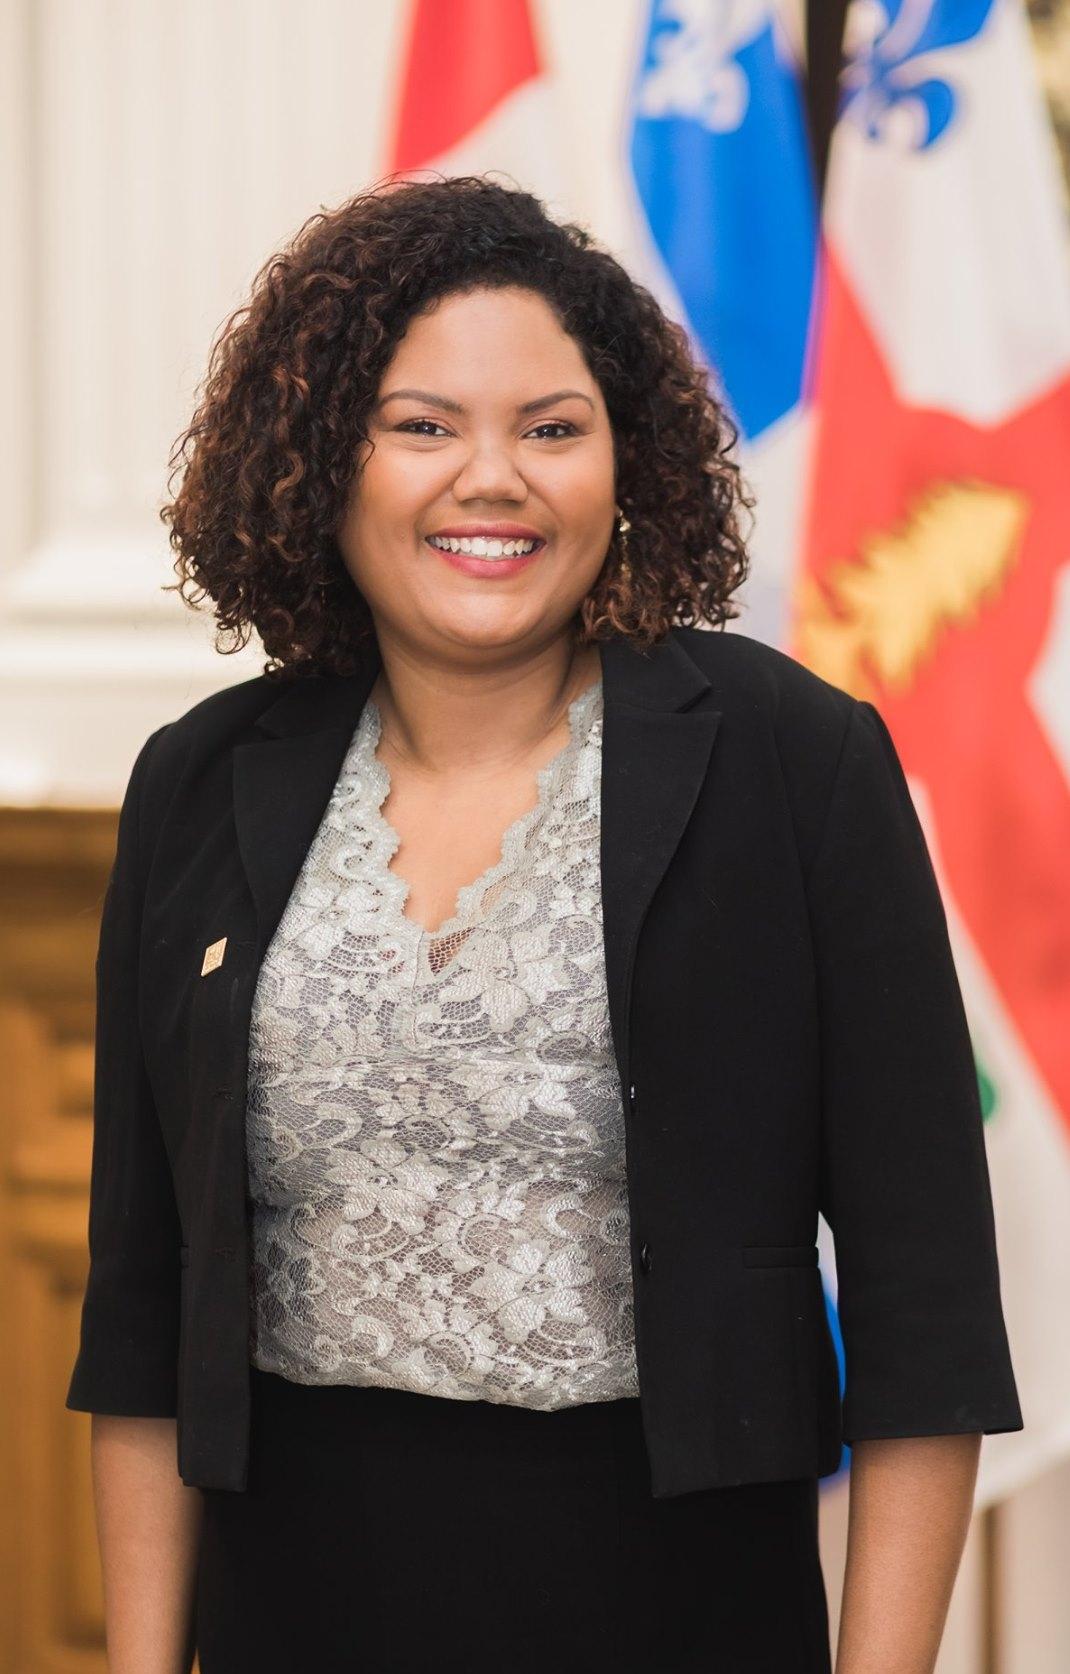 Marie-Christine Jeanty